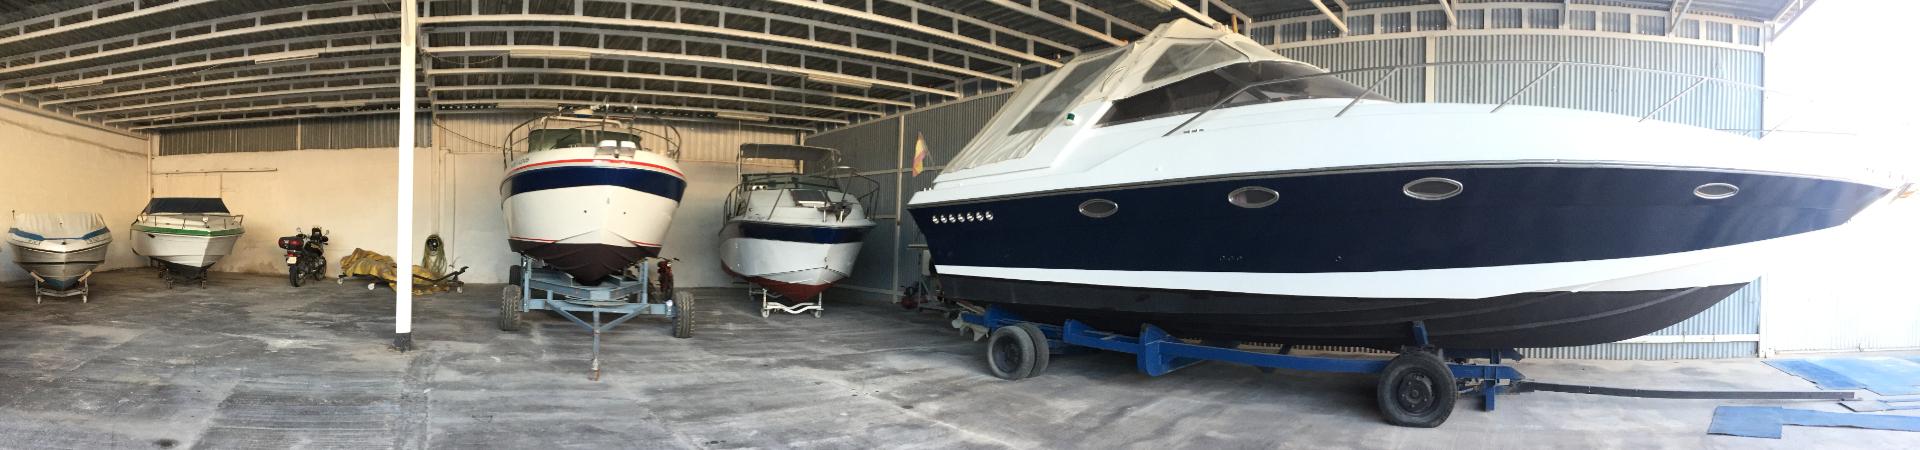 nauticas en salobrena, nauticas en almunecar, nauticas en marina del este, venta de yates en motril